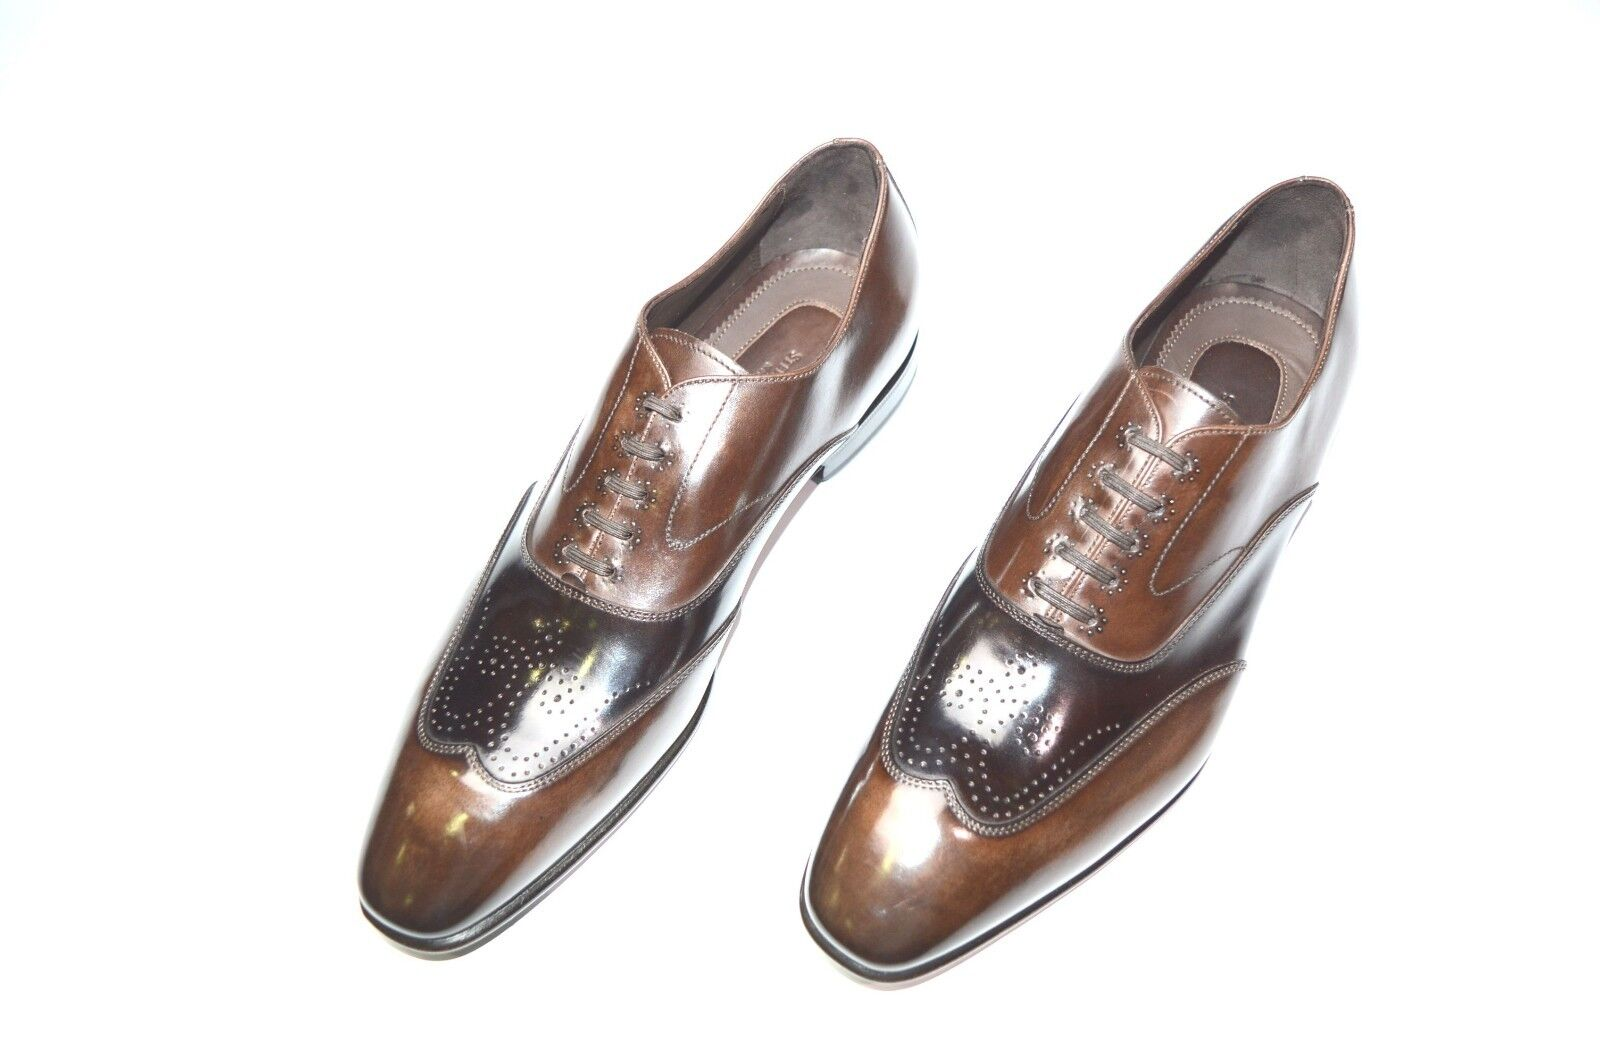 Nuevo De Lujo Cuero STEFANO RICCI Zapatos Talla nos 8.5 (A211)